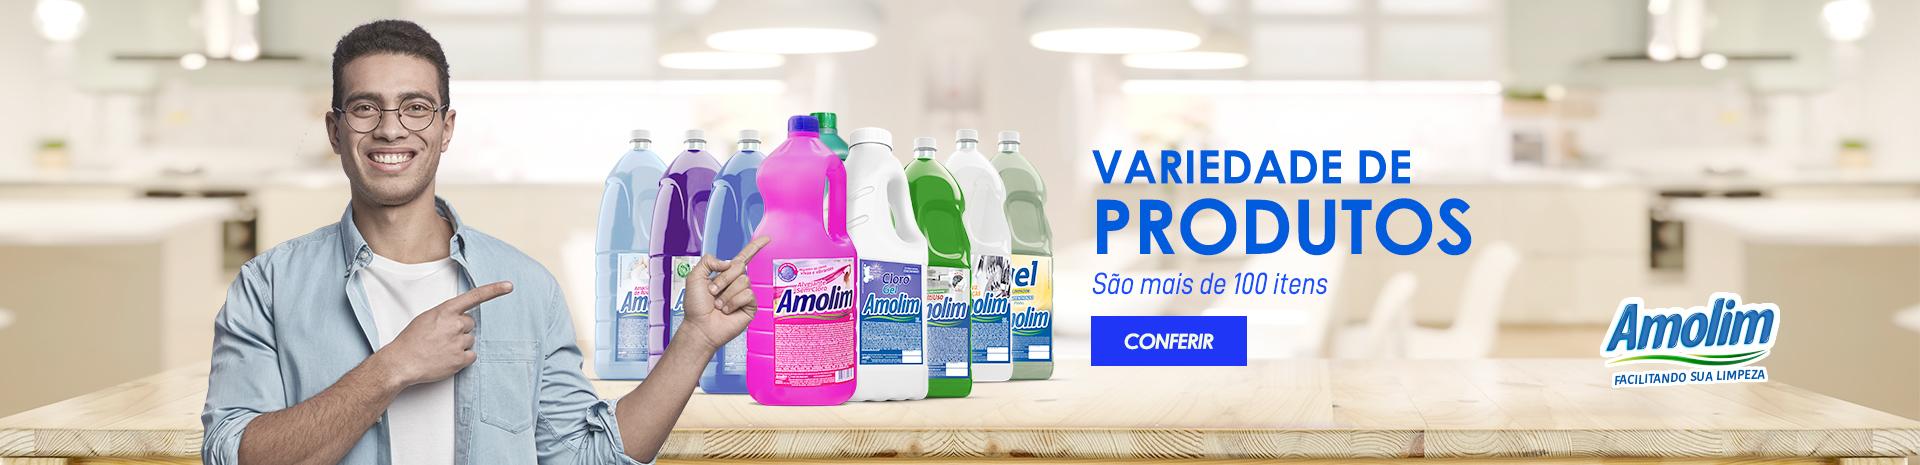 Variedade de produtos